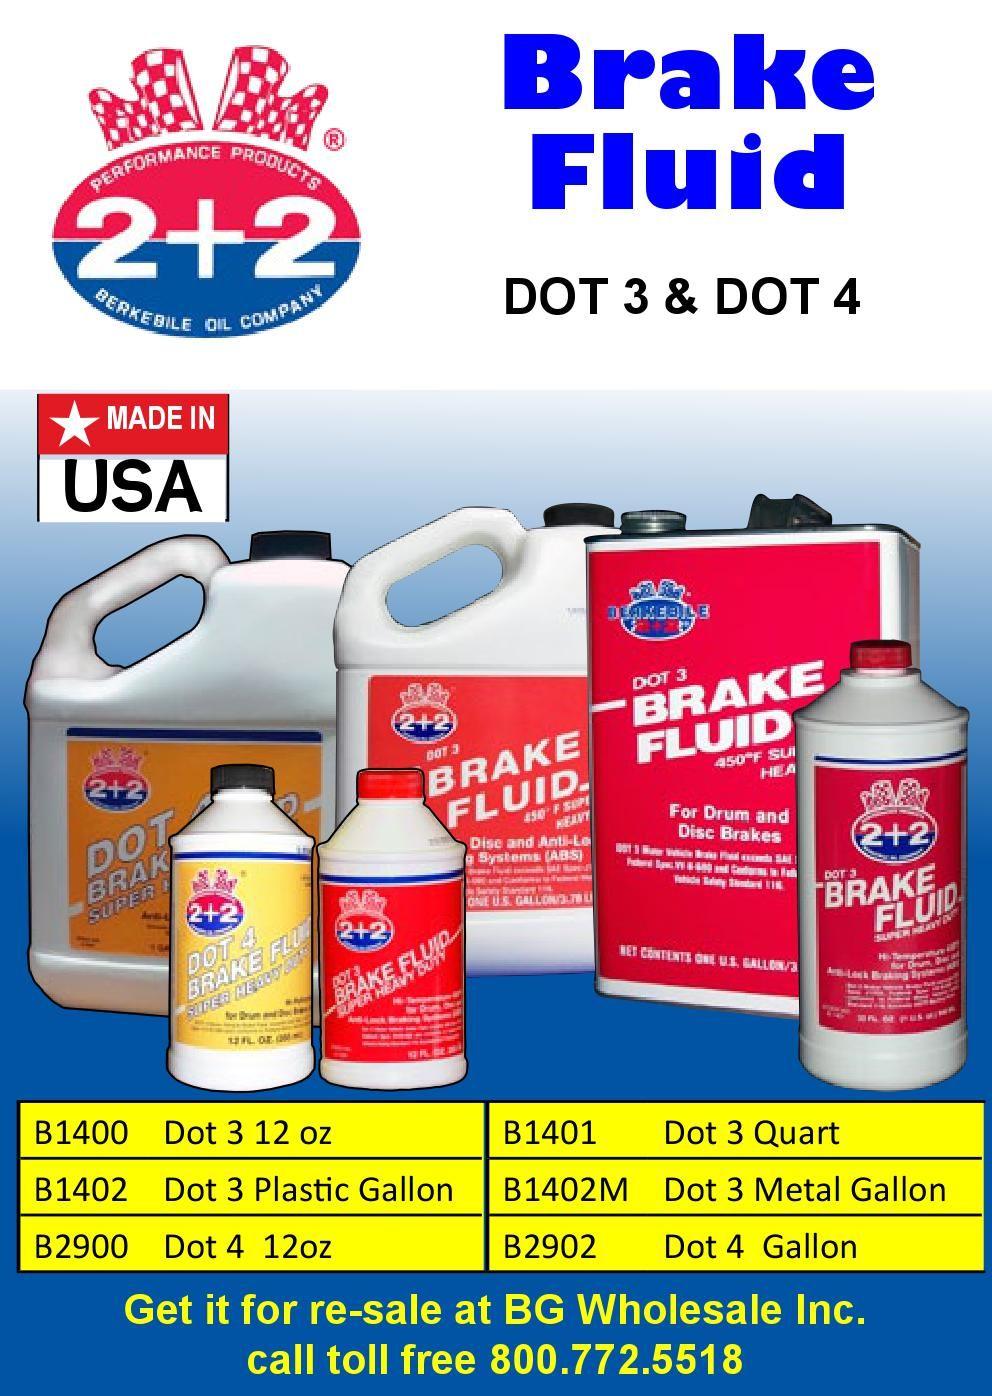 Berkebile 2+2 Brake Fluid  Dot 3 and Dot 4 | Brake Fluid